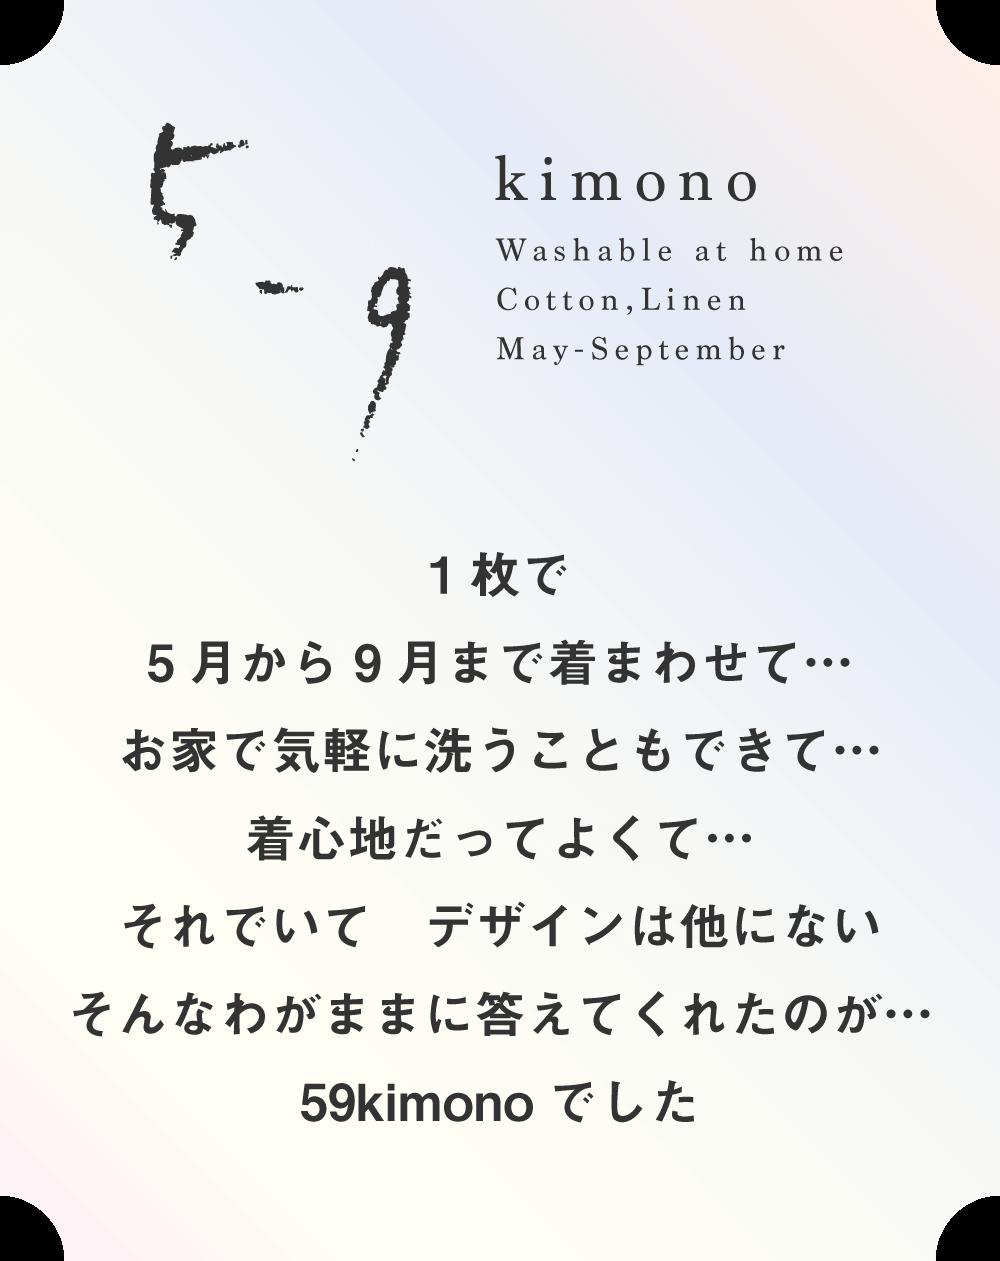 59kimono